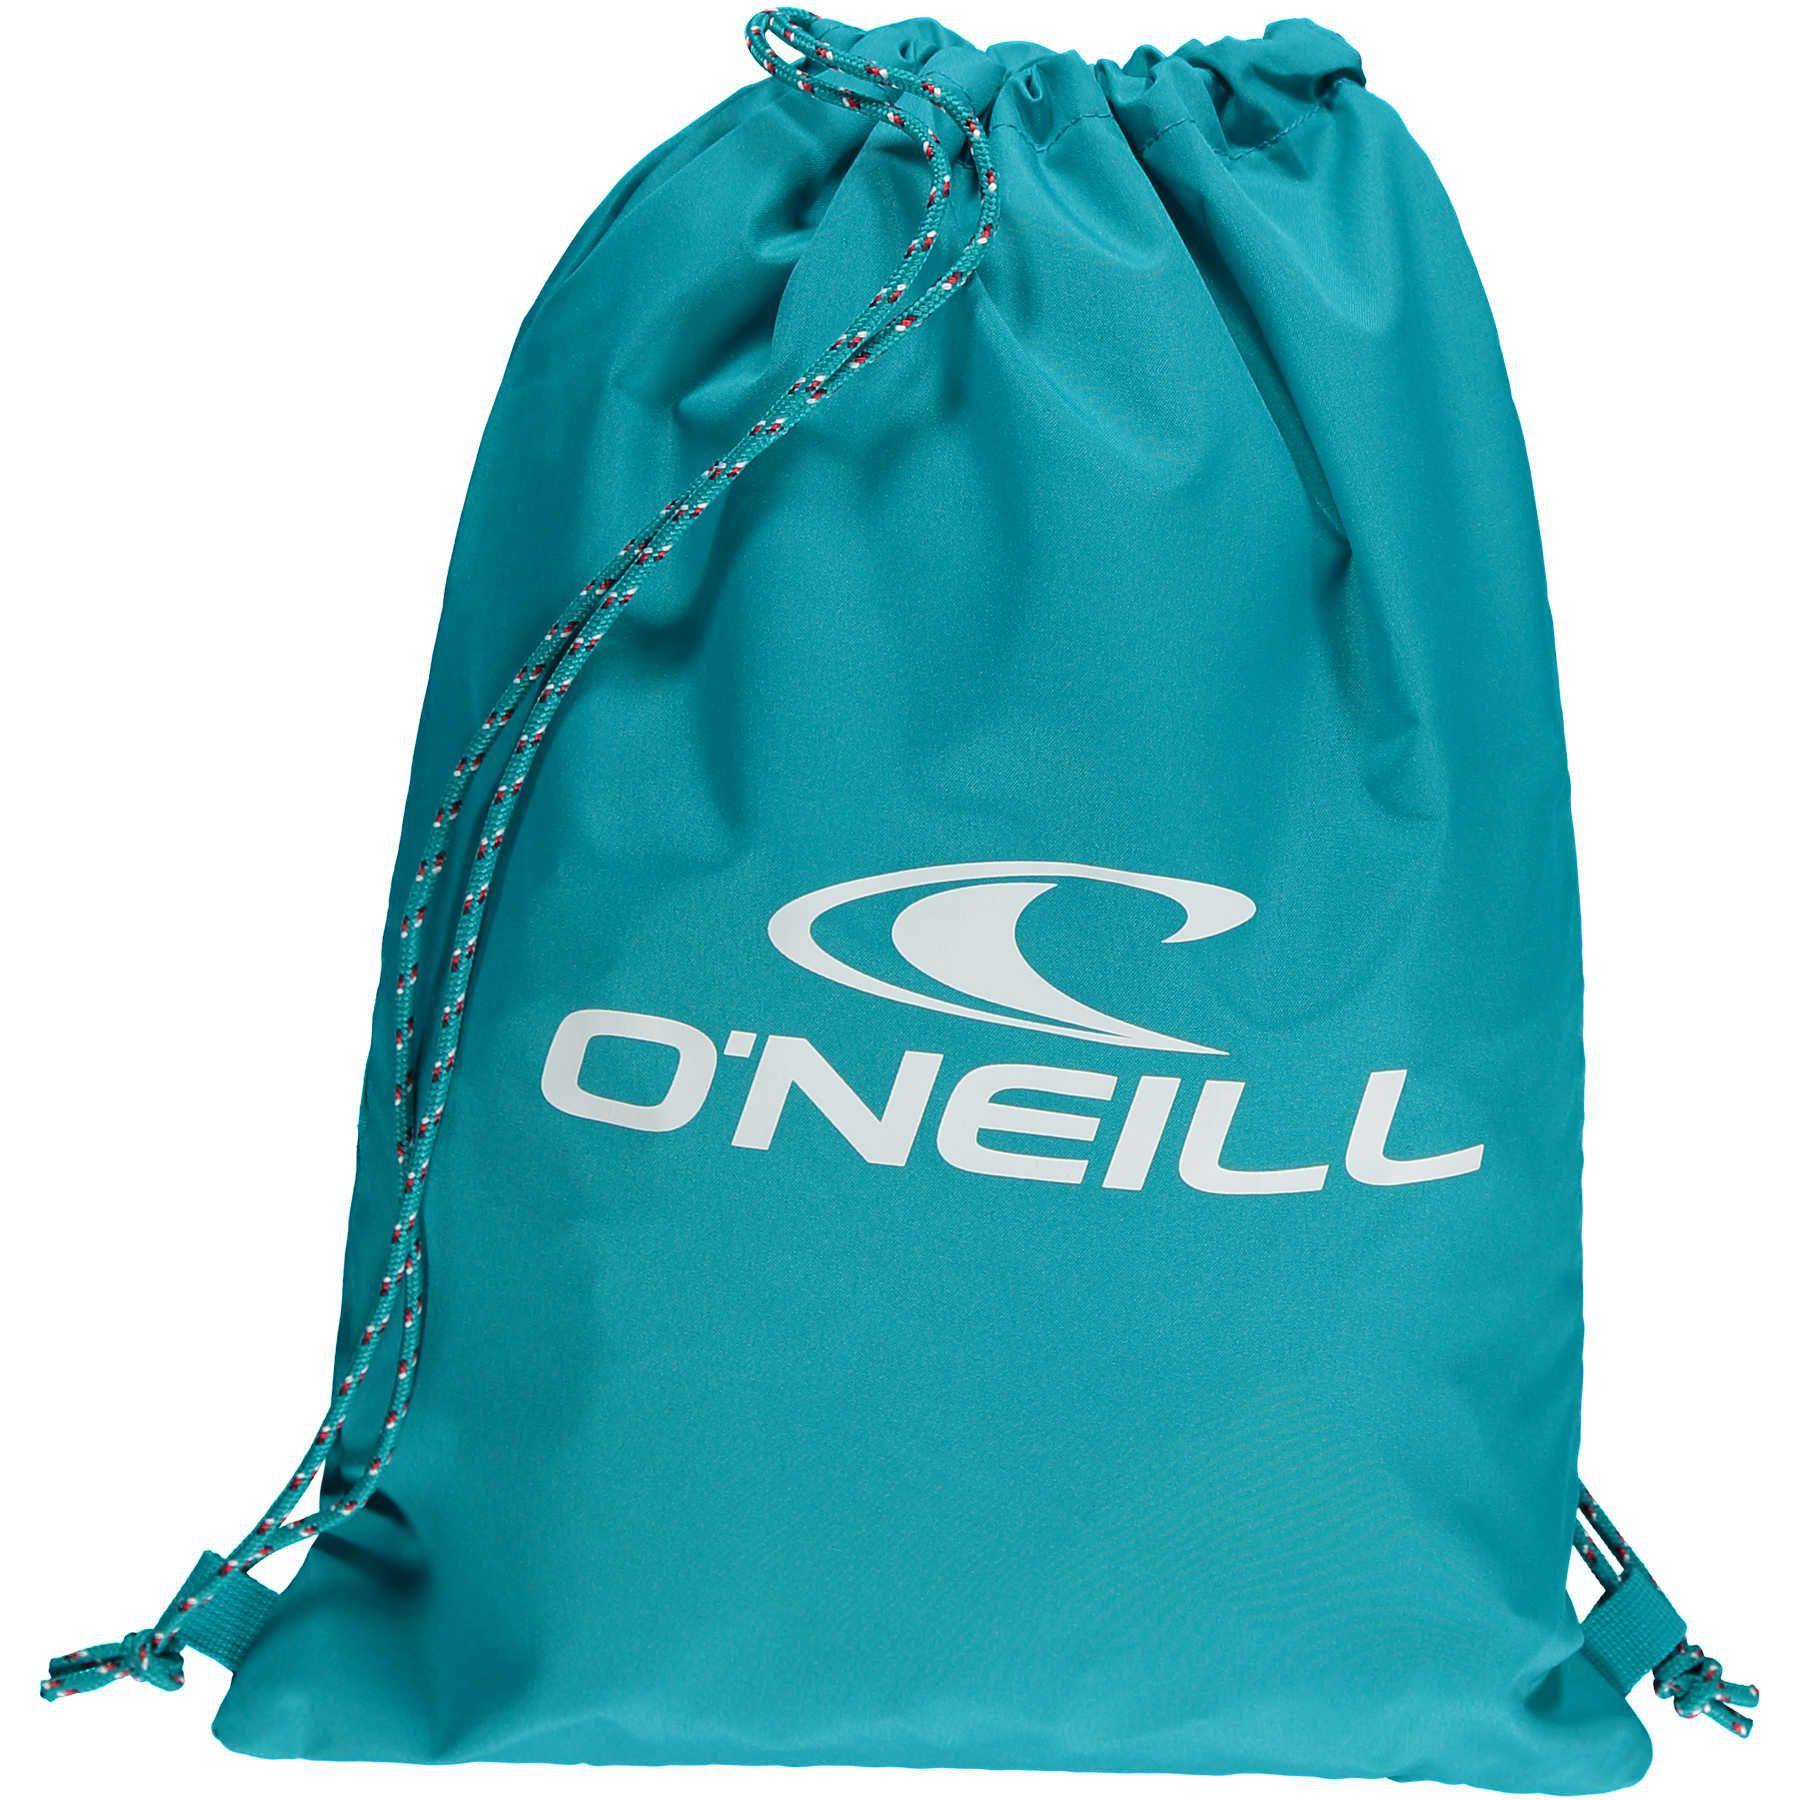 a4965a6ef0 O Neill Sportswear Gym Sack in Blue for Men - Lyst